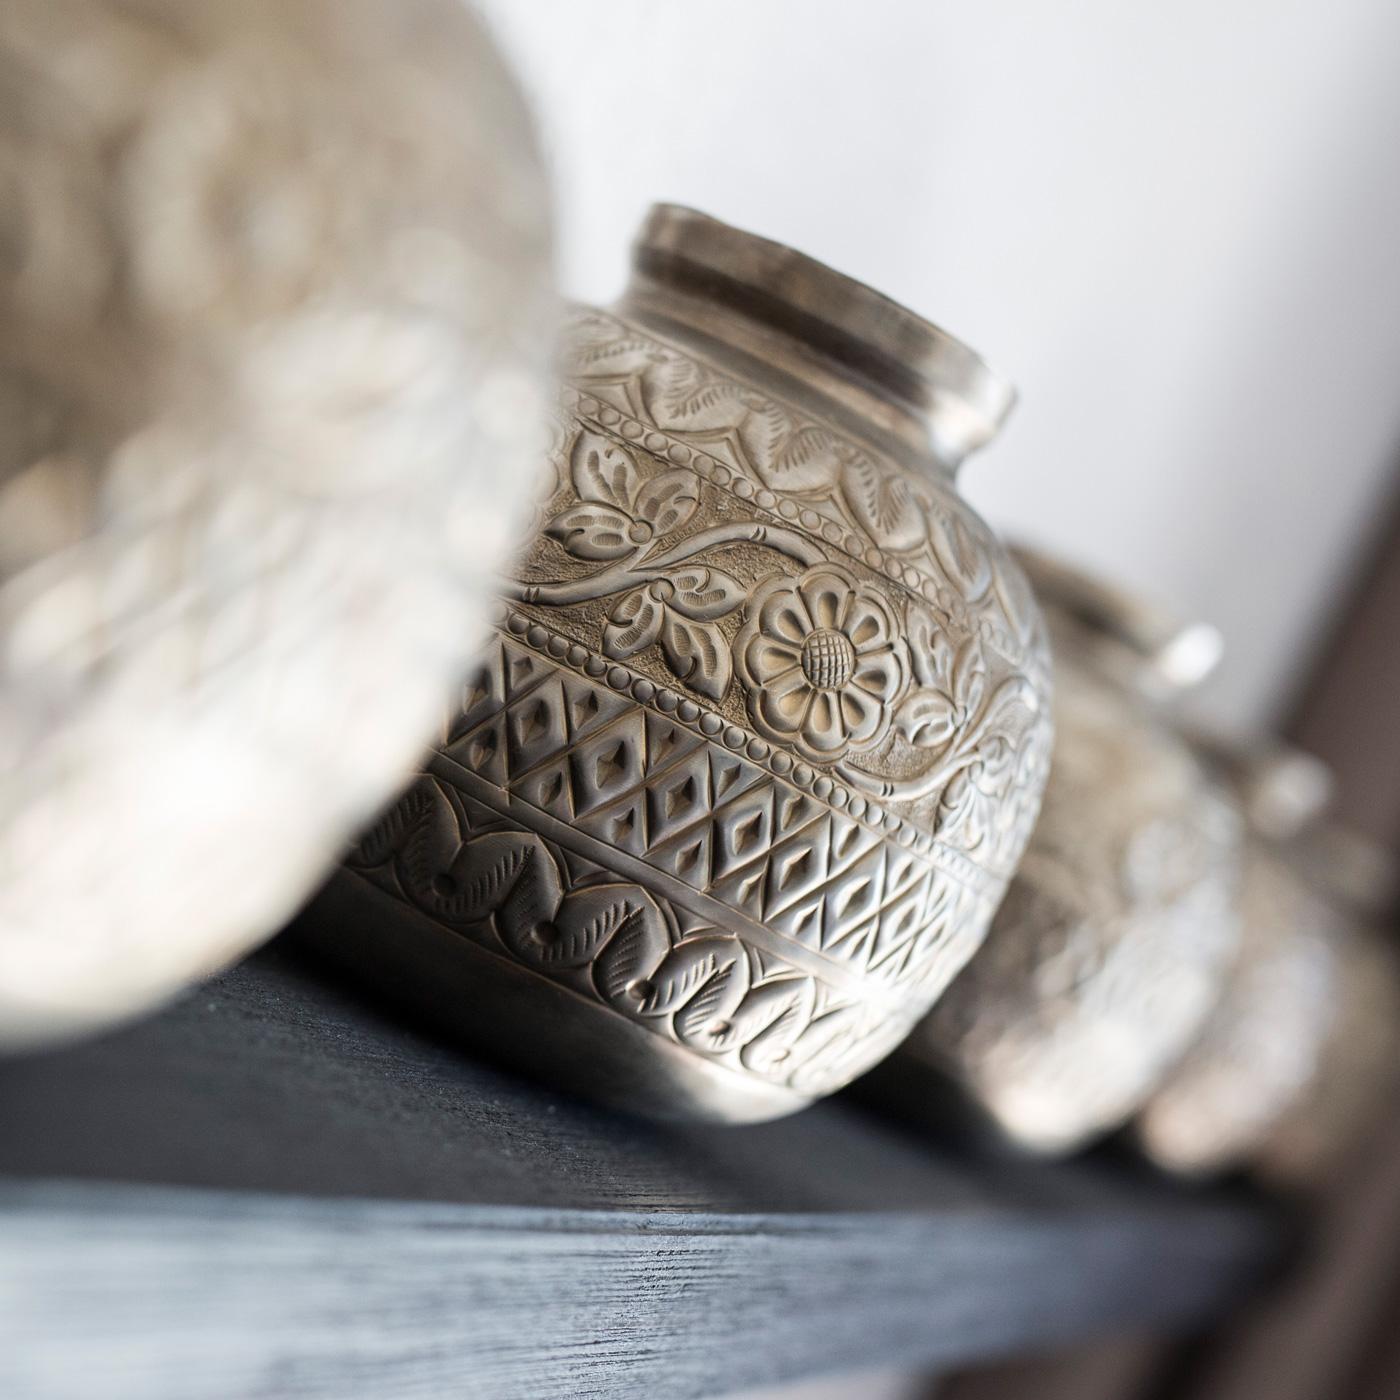 Getöpferte Gefäße im arabischen Stil